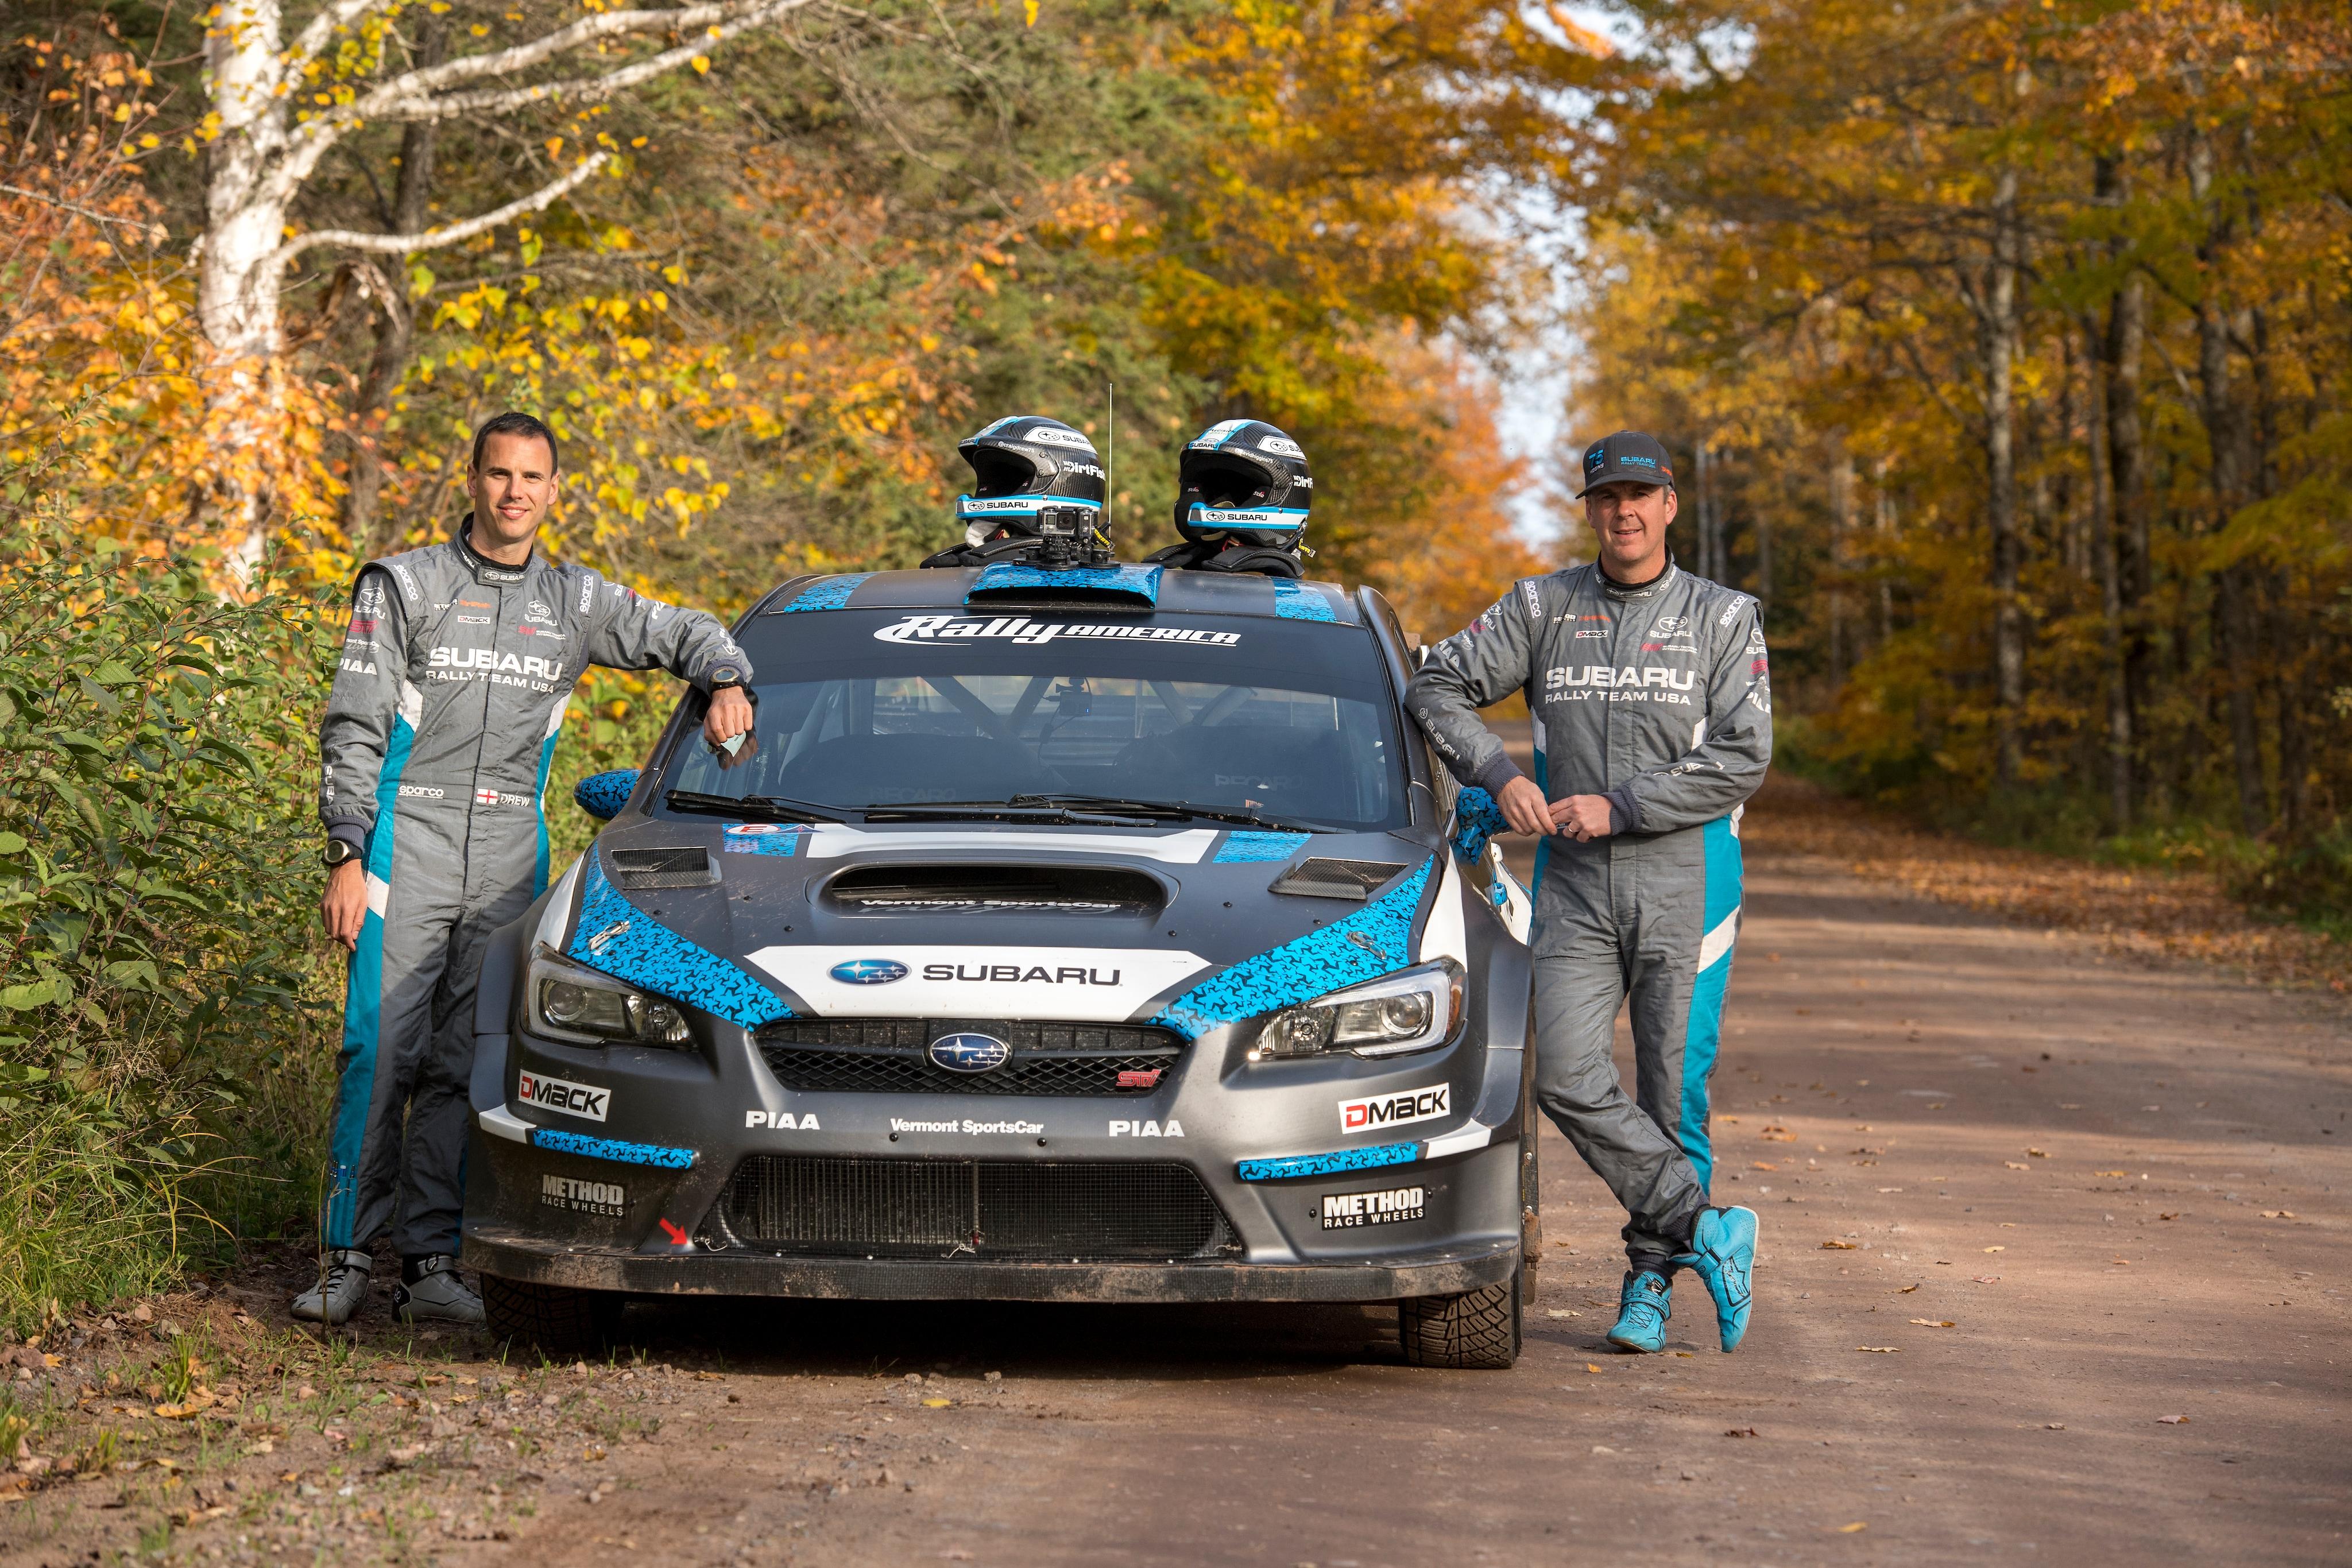 adventure subaru subaru closes 2016 season with 1 2 finish at